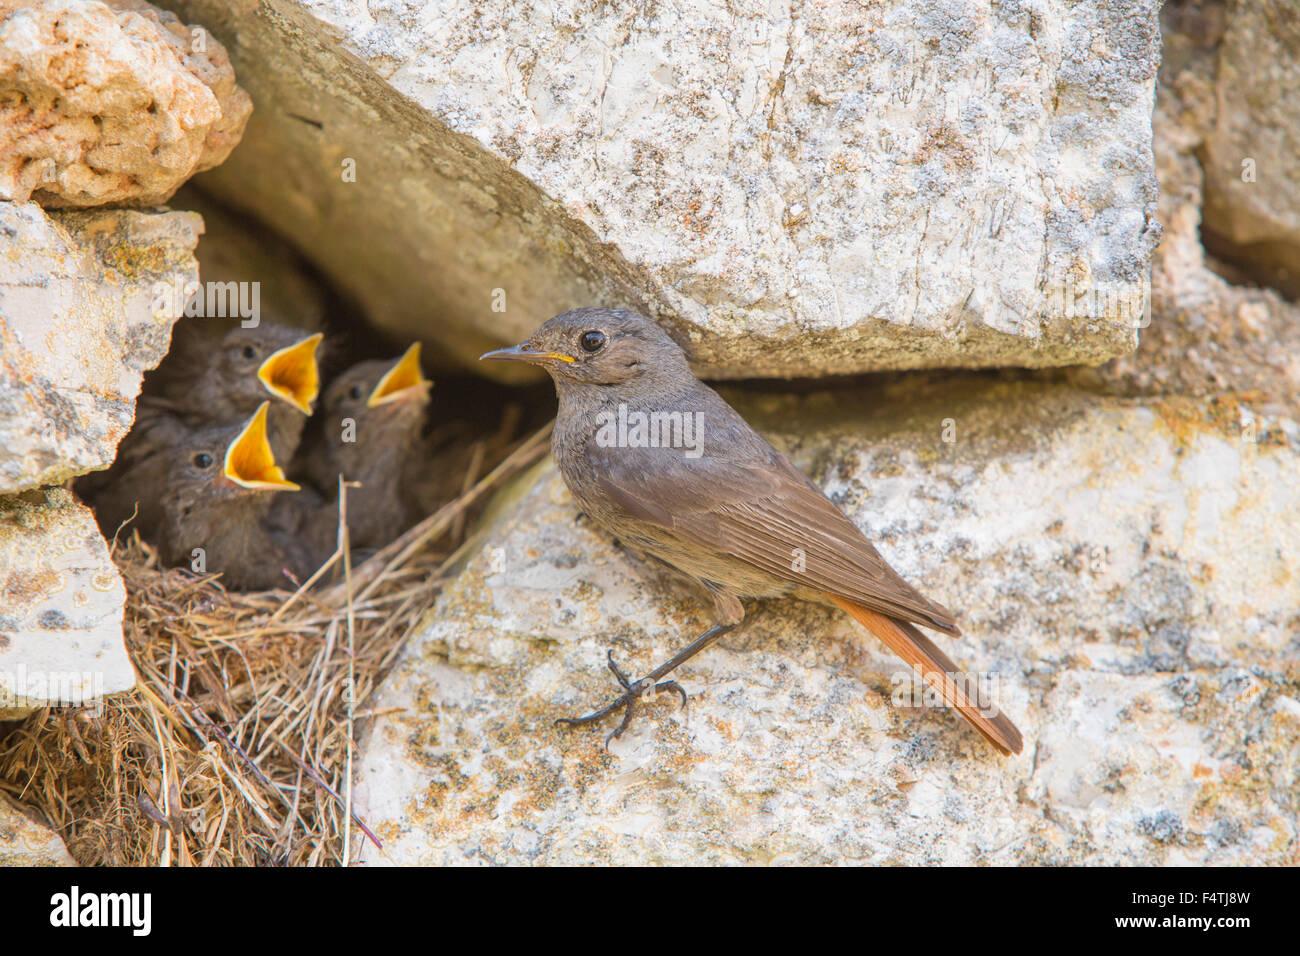 Blak paruline flamboyante, oiseaux, Photo Stock